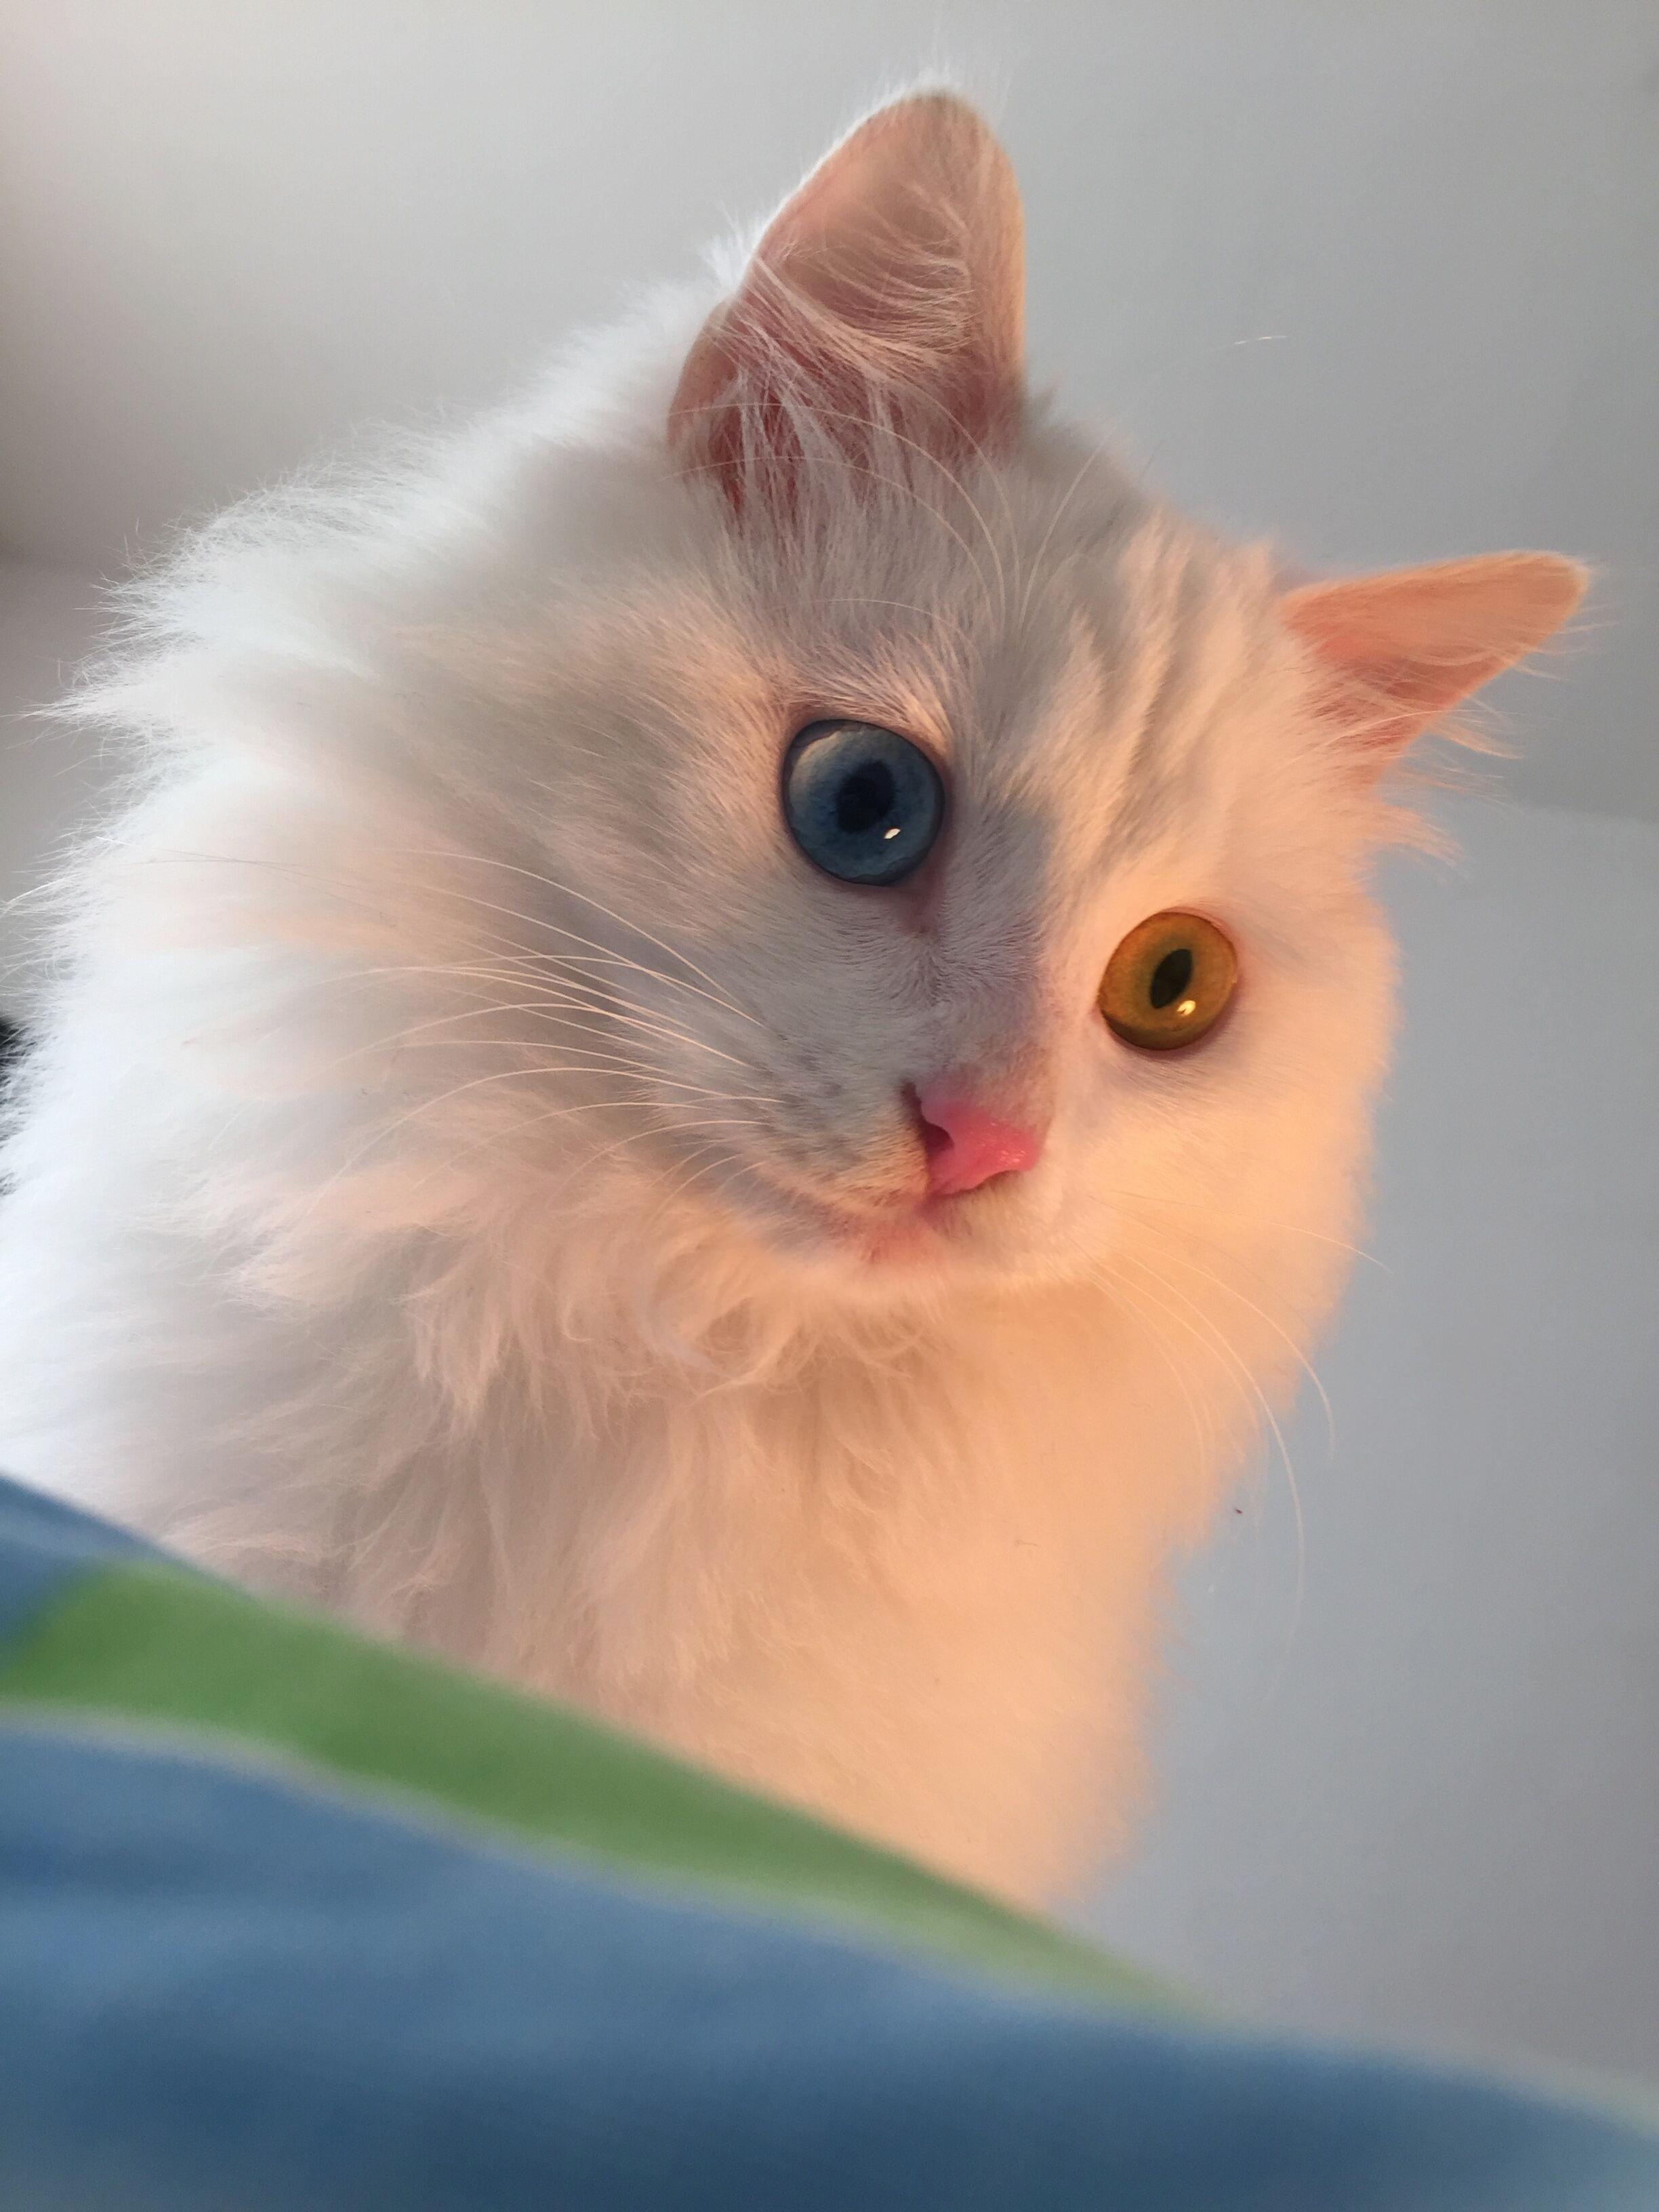 纯白长毛鸳鸯眼狮子猫